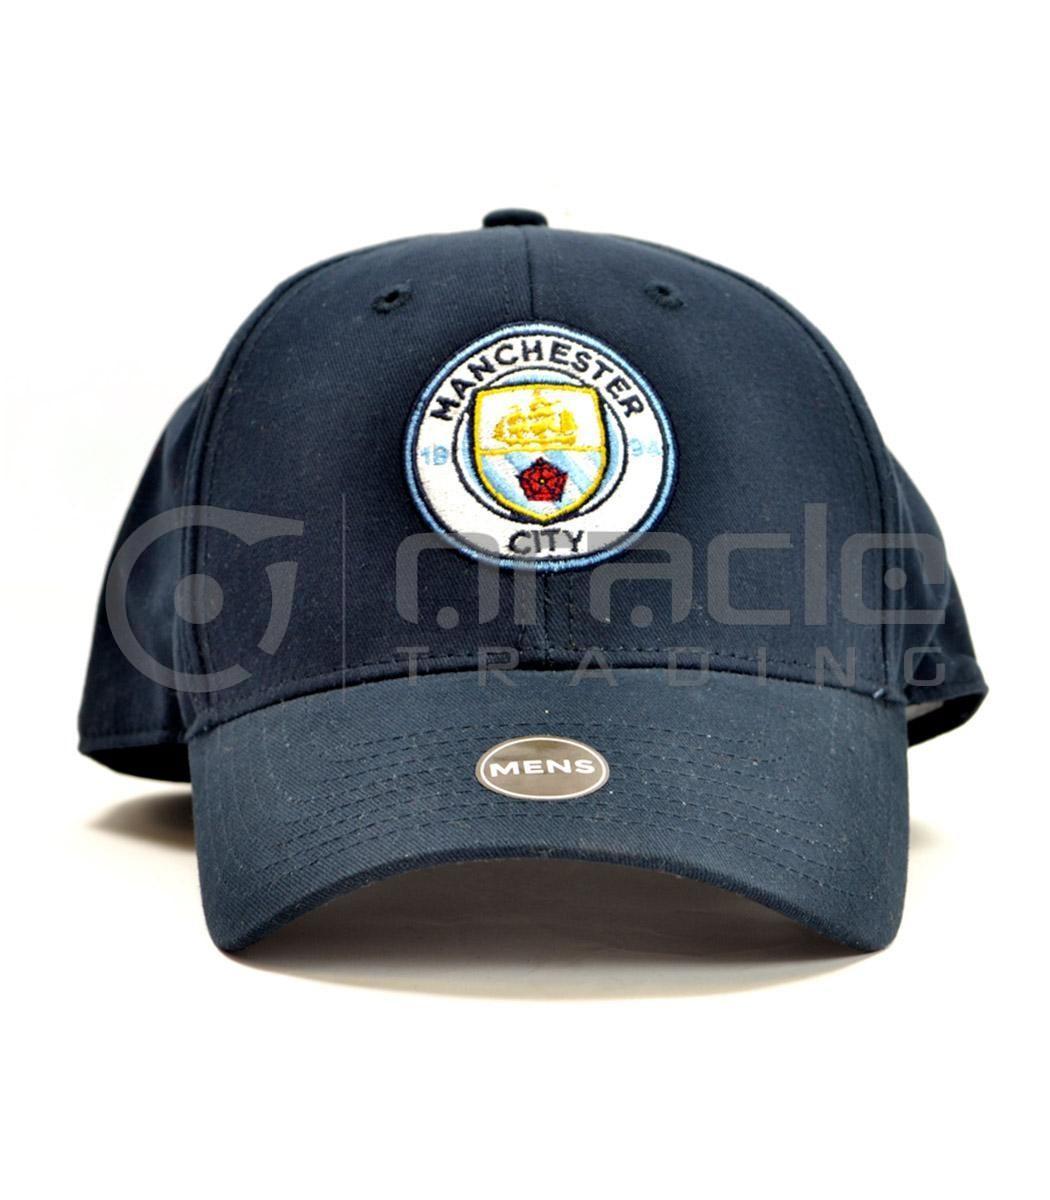 Manchester City Navy Crest Hat - Brand 47